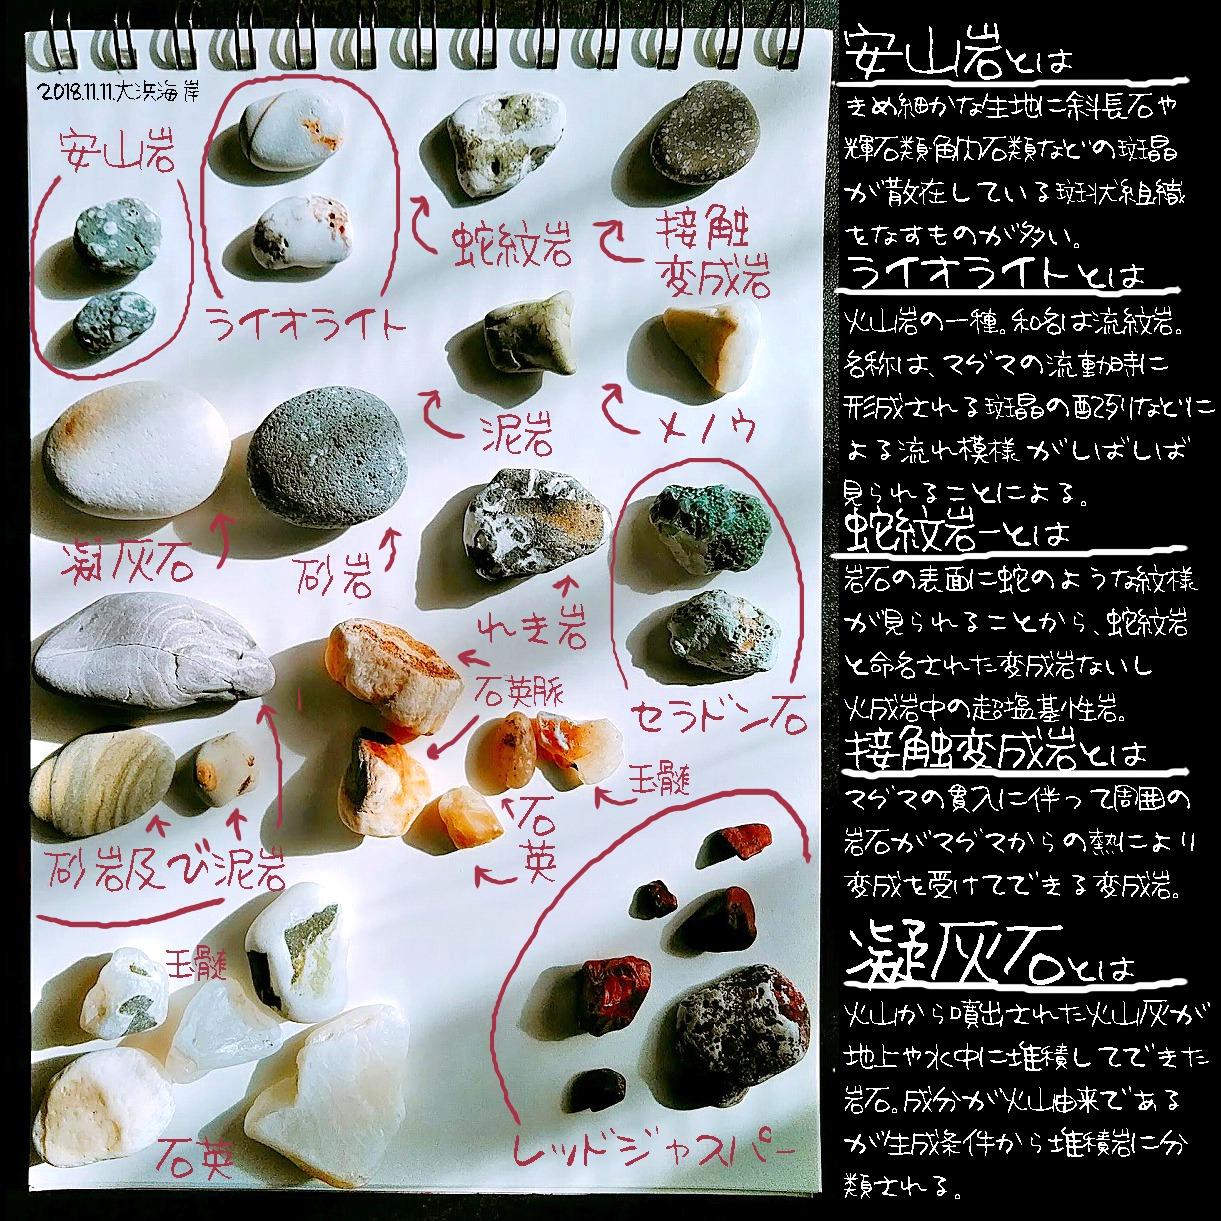 大浜海岸で私が拾った石図鑑